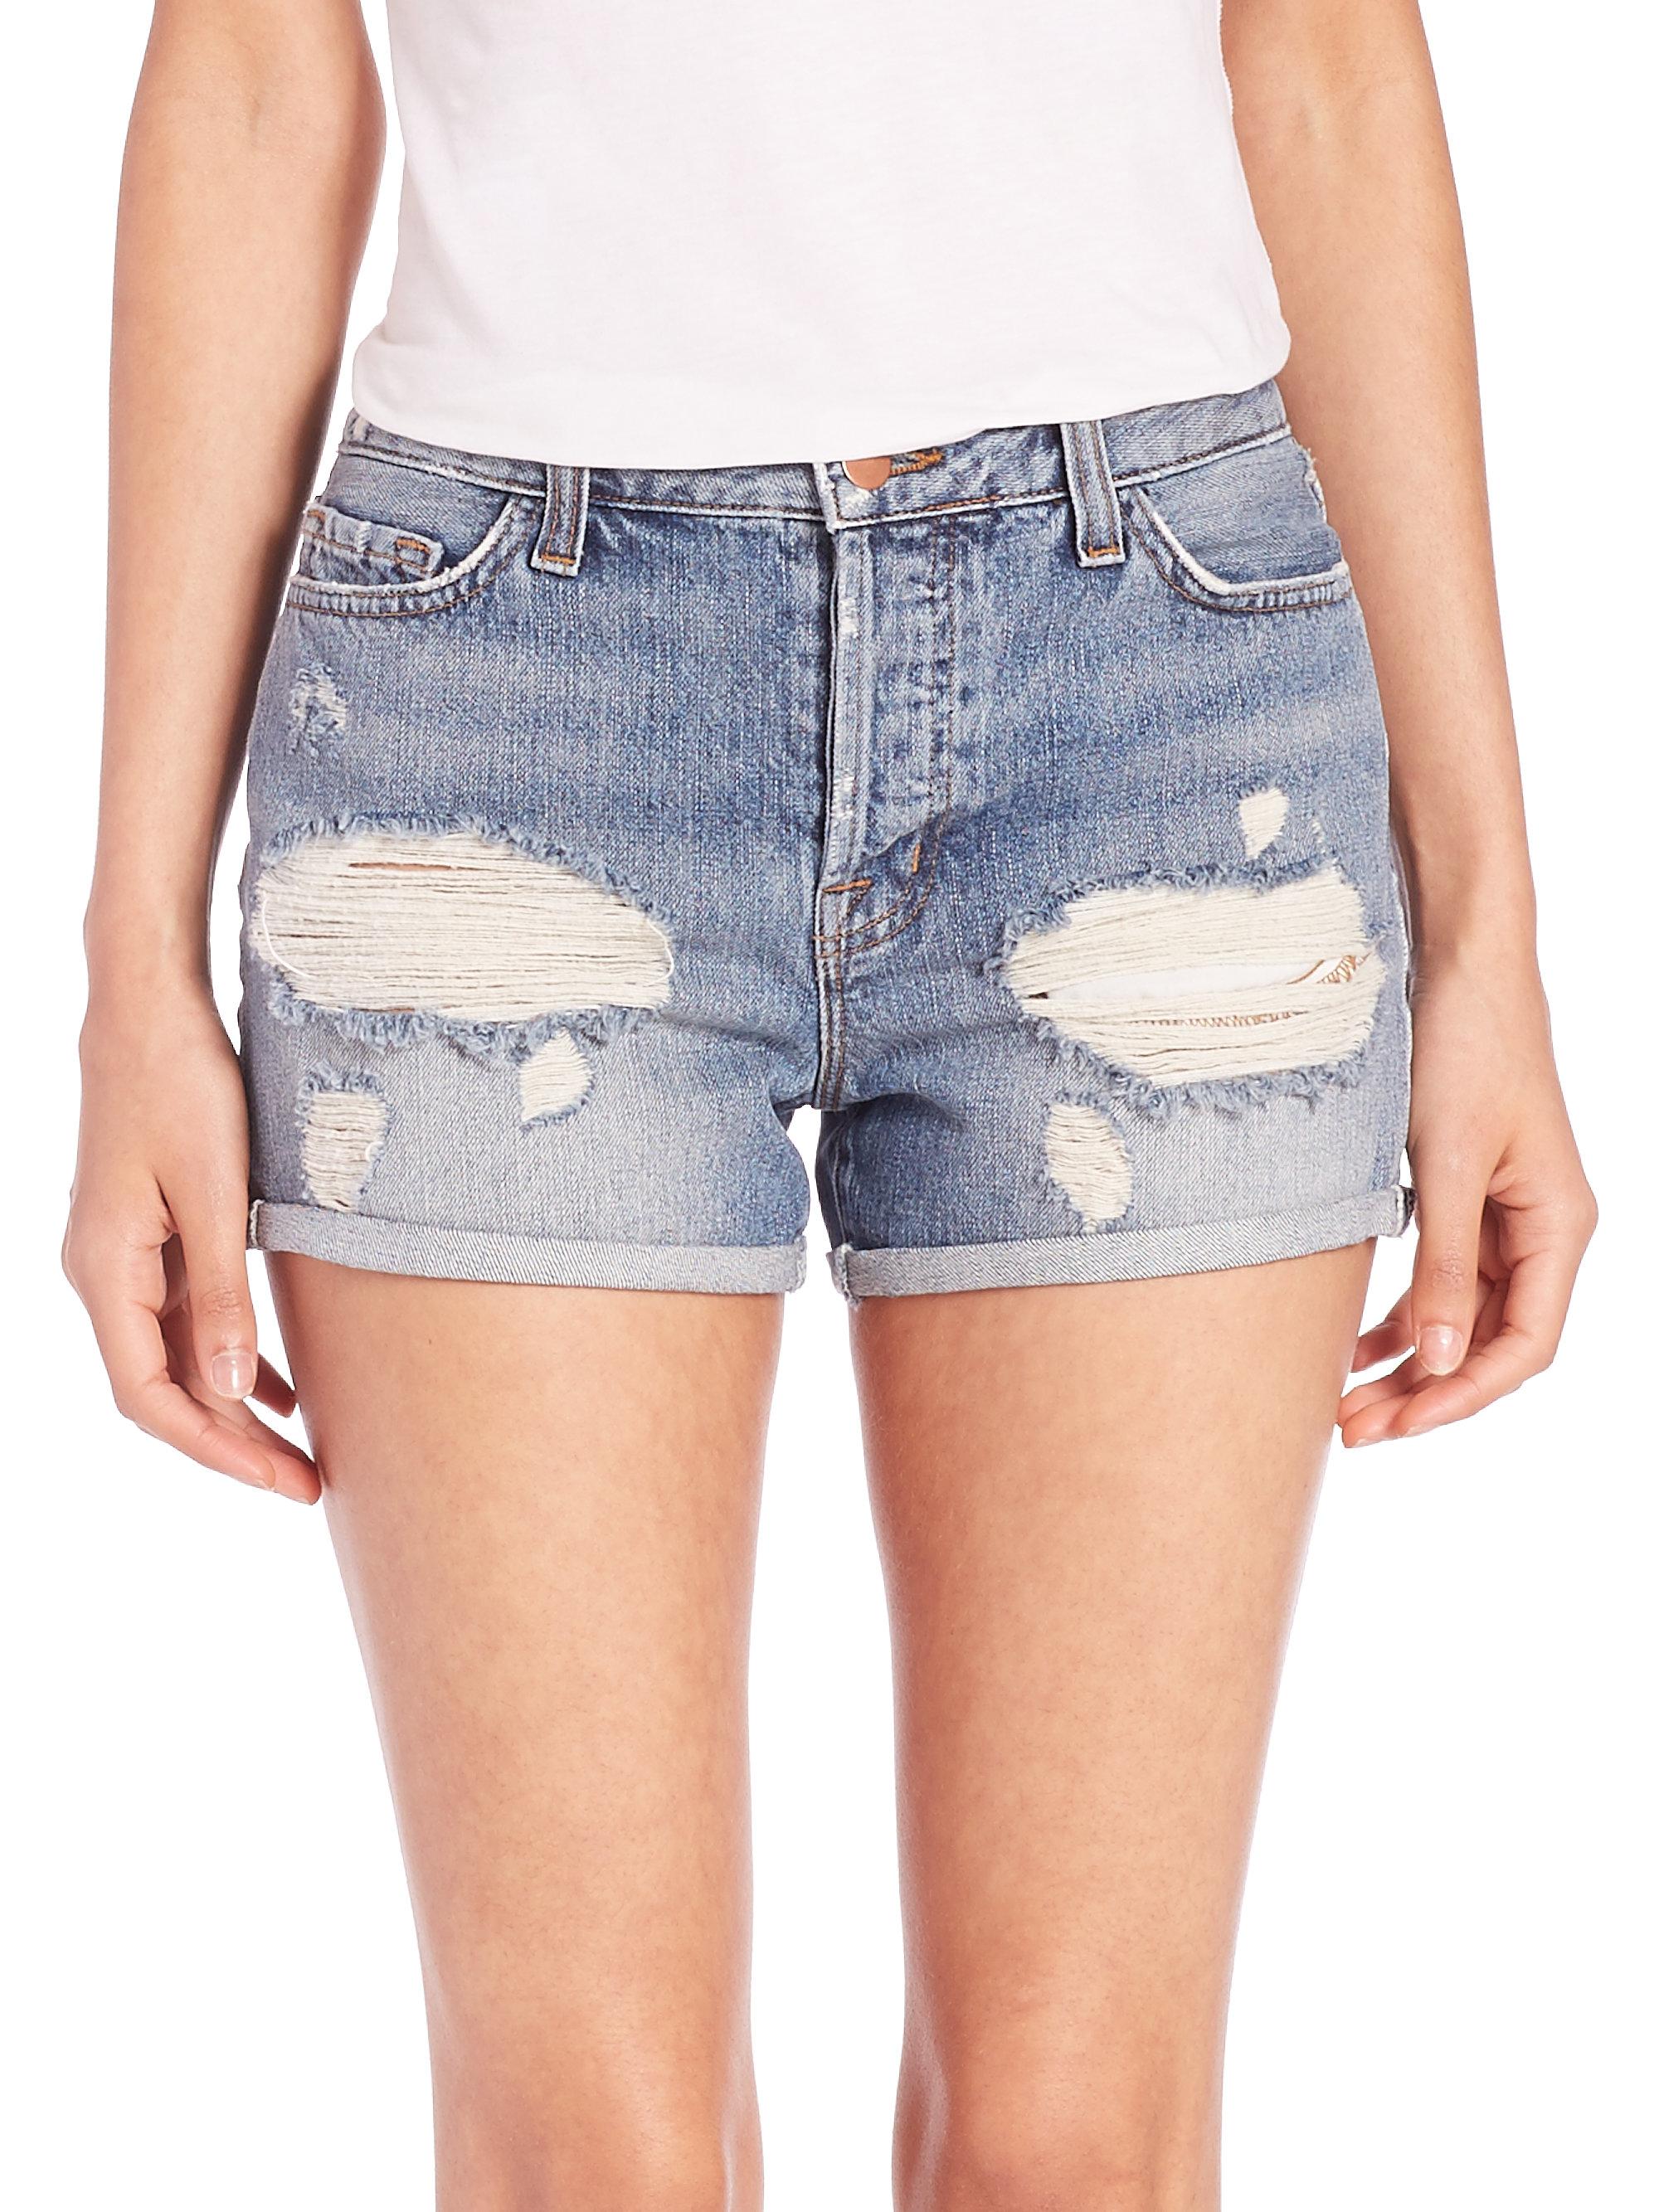 J brand Gracie Distressed High-rise Cuffed Denim Shorts in Blue | Lyst